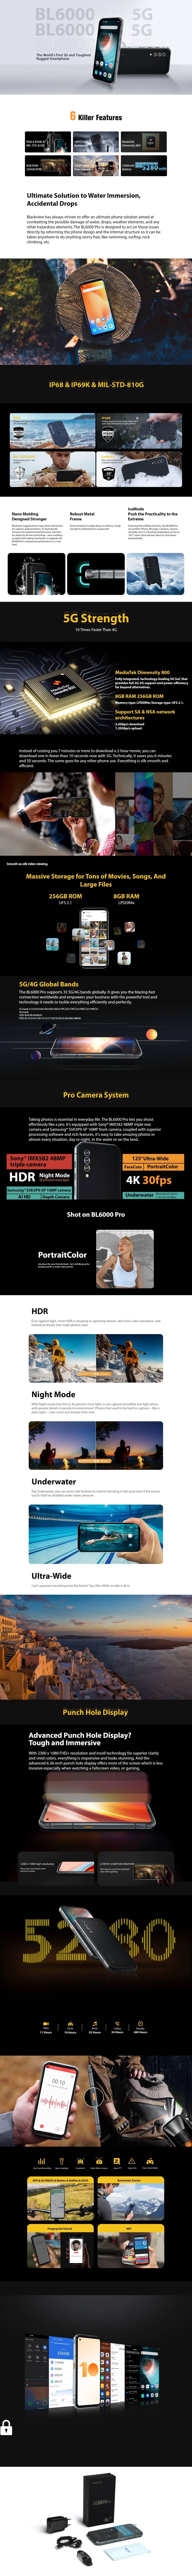 Blackview-BL6000-Profefde070c8a3320d.jpg